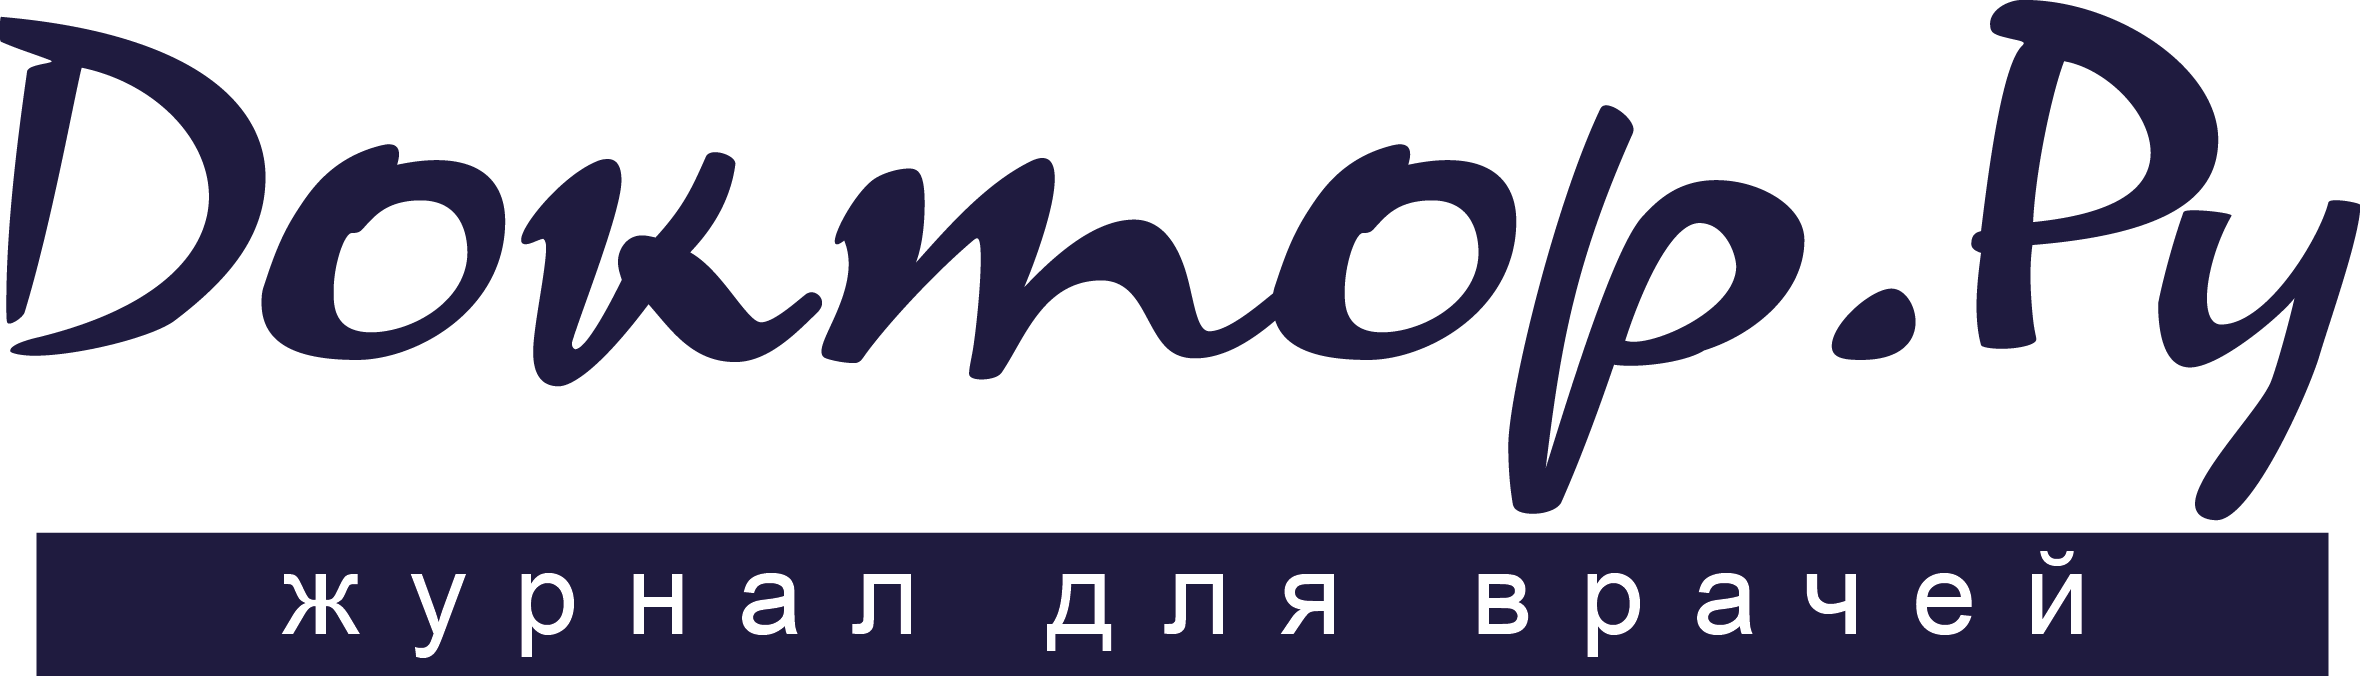 www.kto-kto.ru